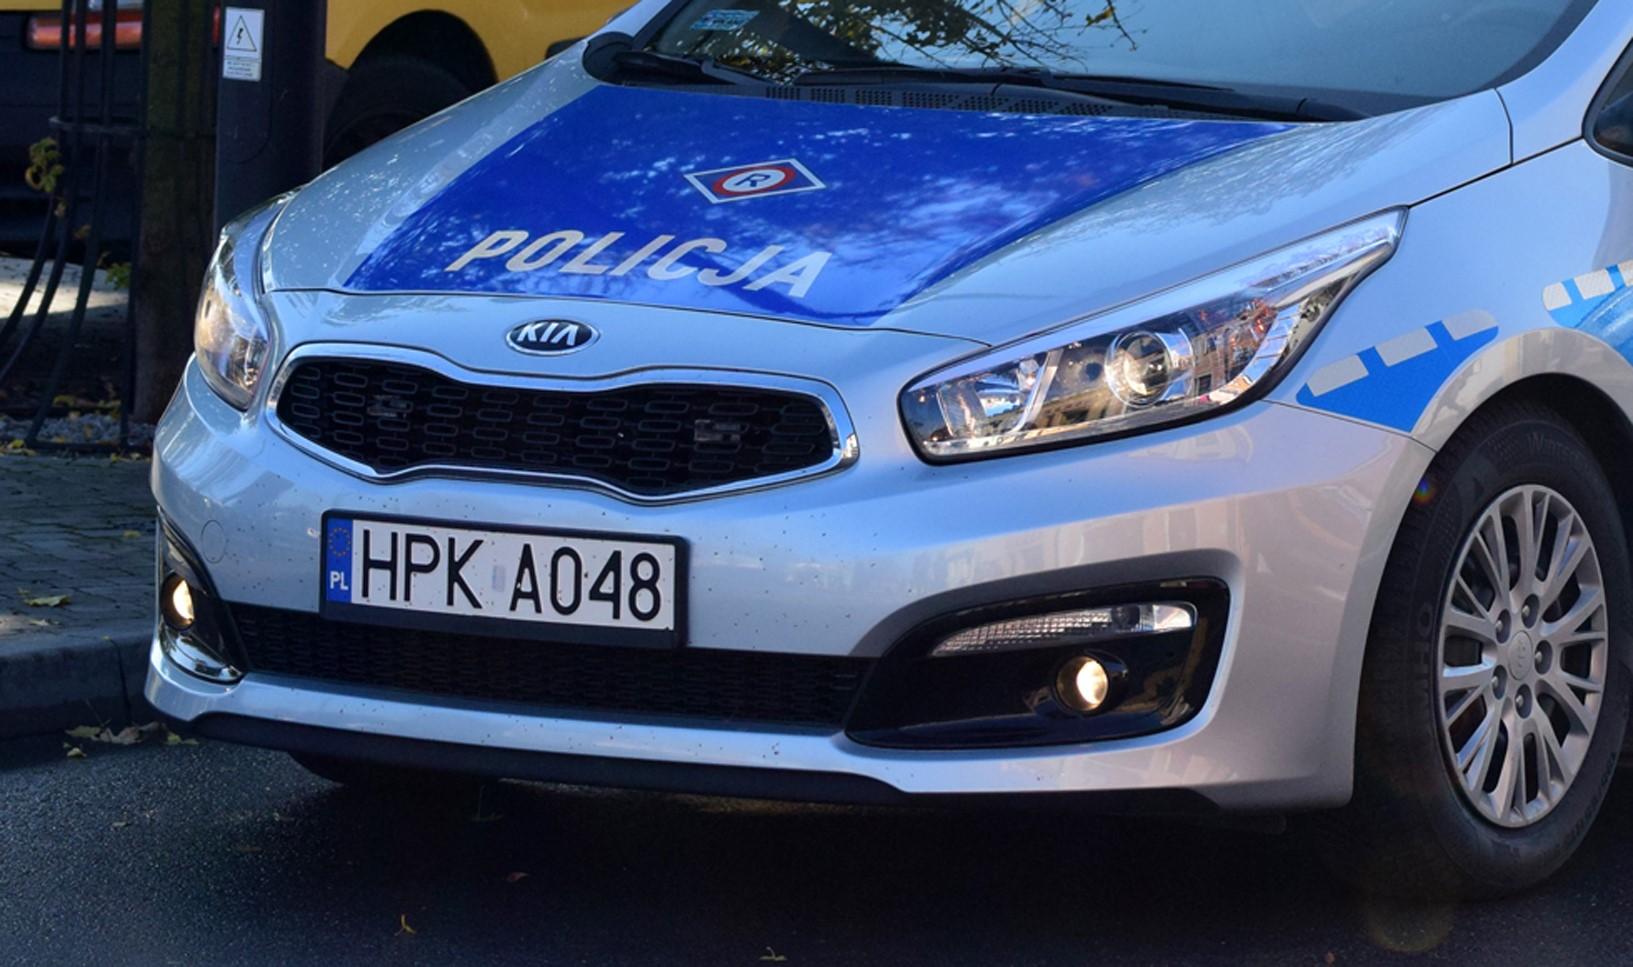 Pijany 42-latek zaatakował policjanta. Grożą mu 3 lata więzienia  - Zdjęcie główne